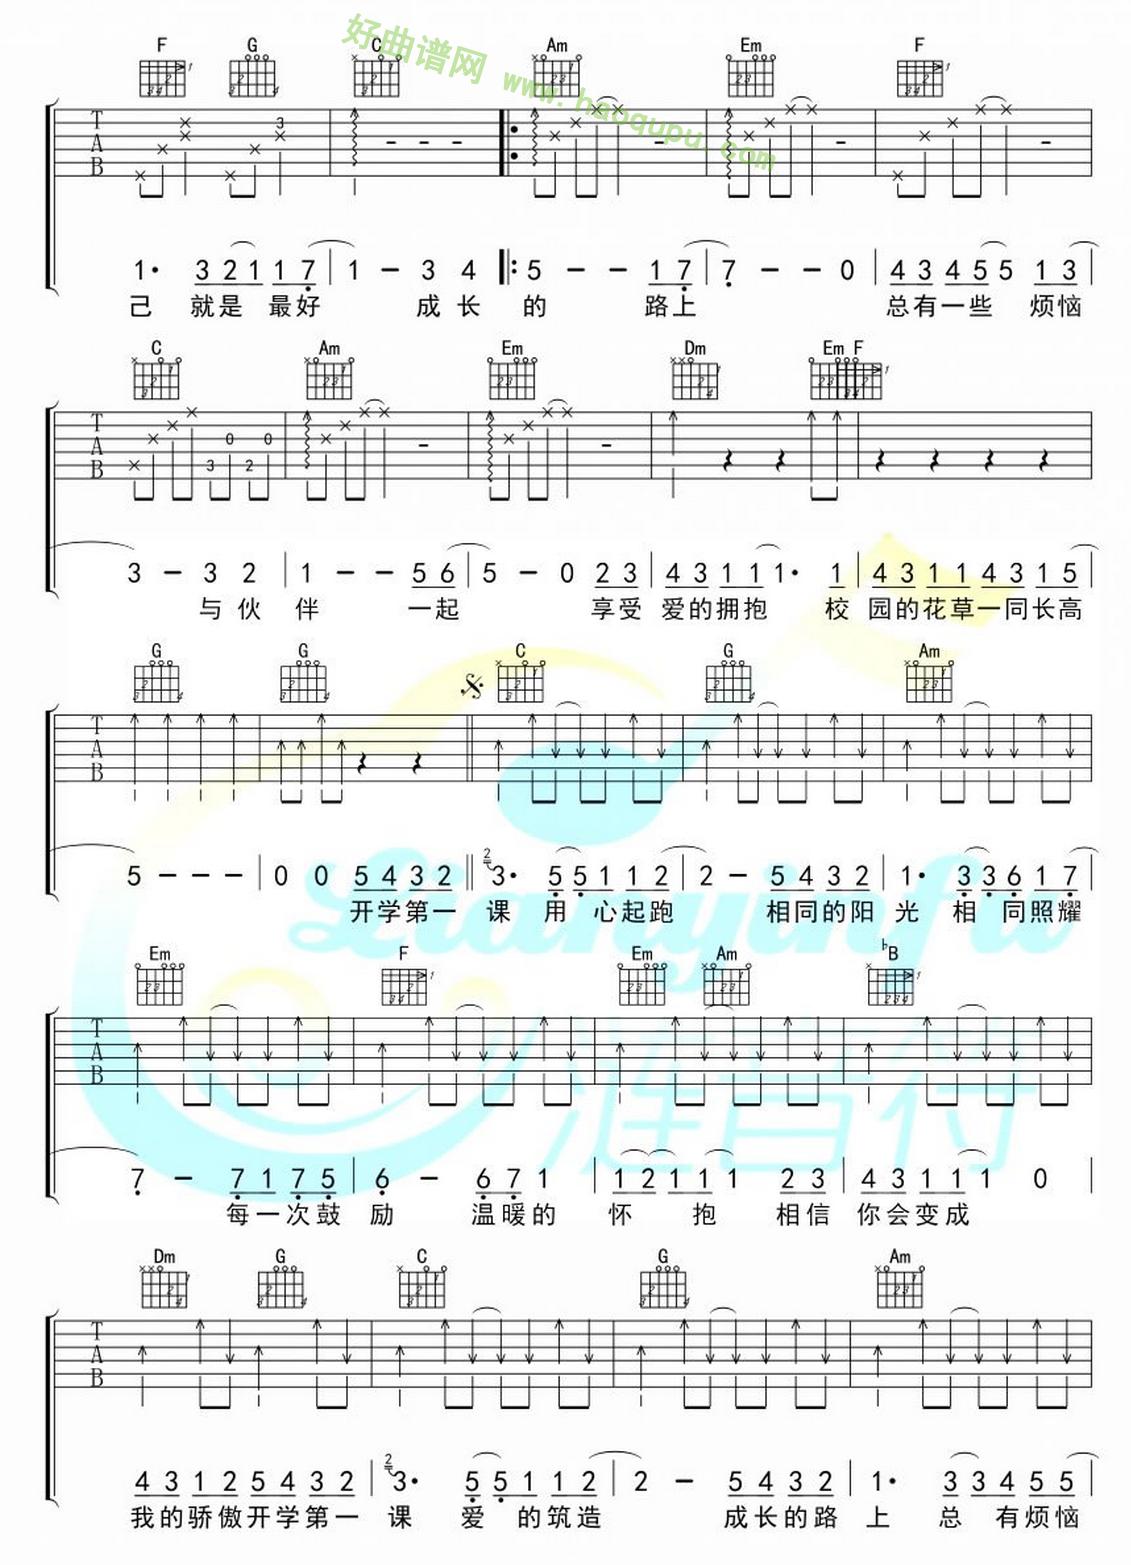 《开学第一课》(TFBOYS演唱)吉他谱第2张